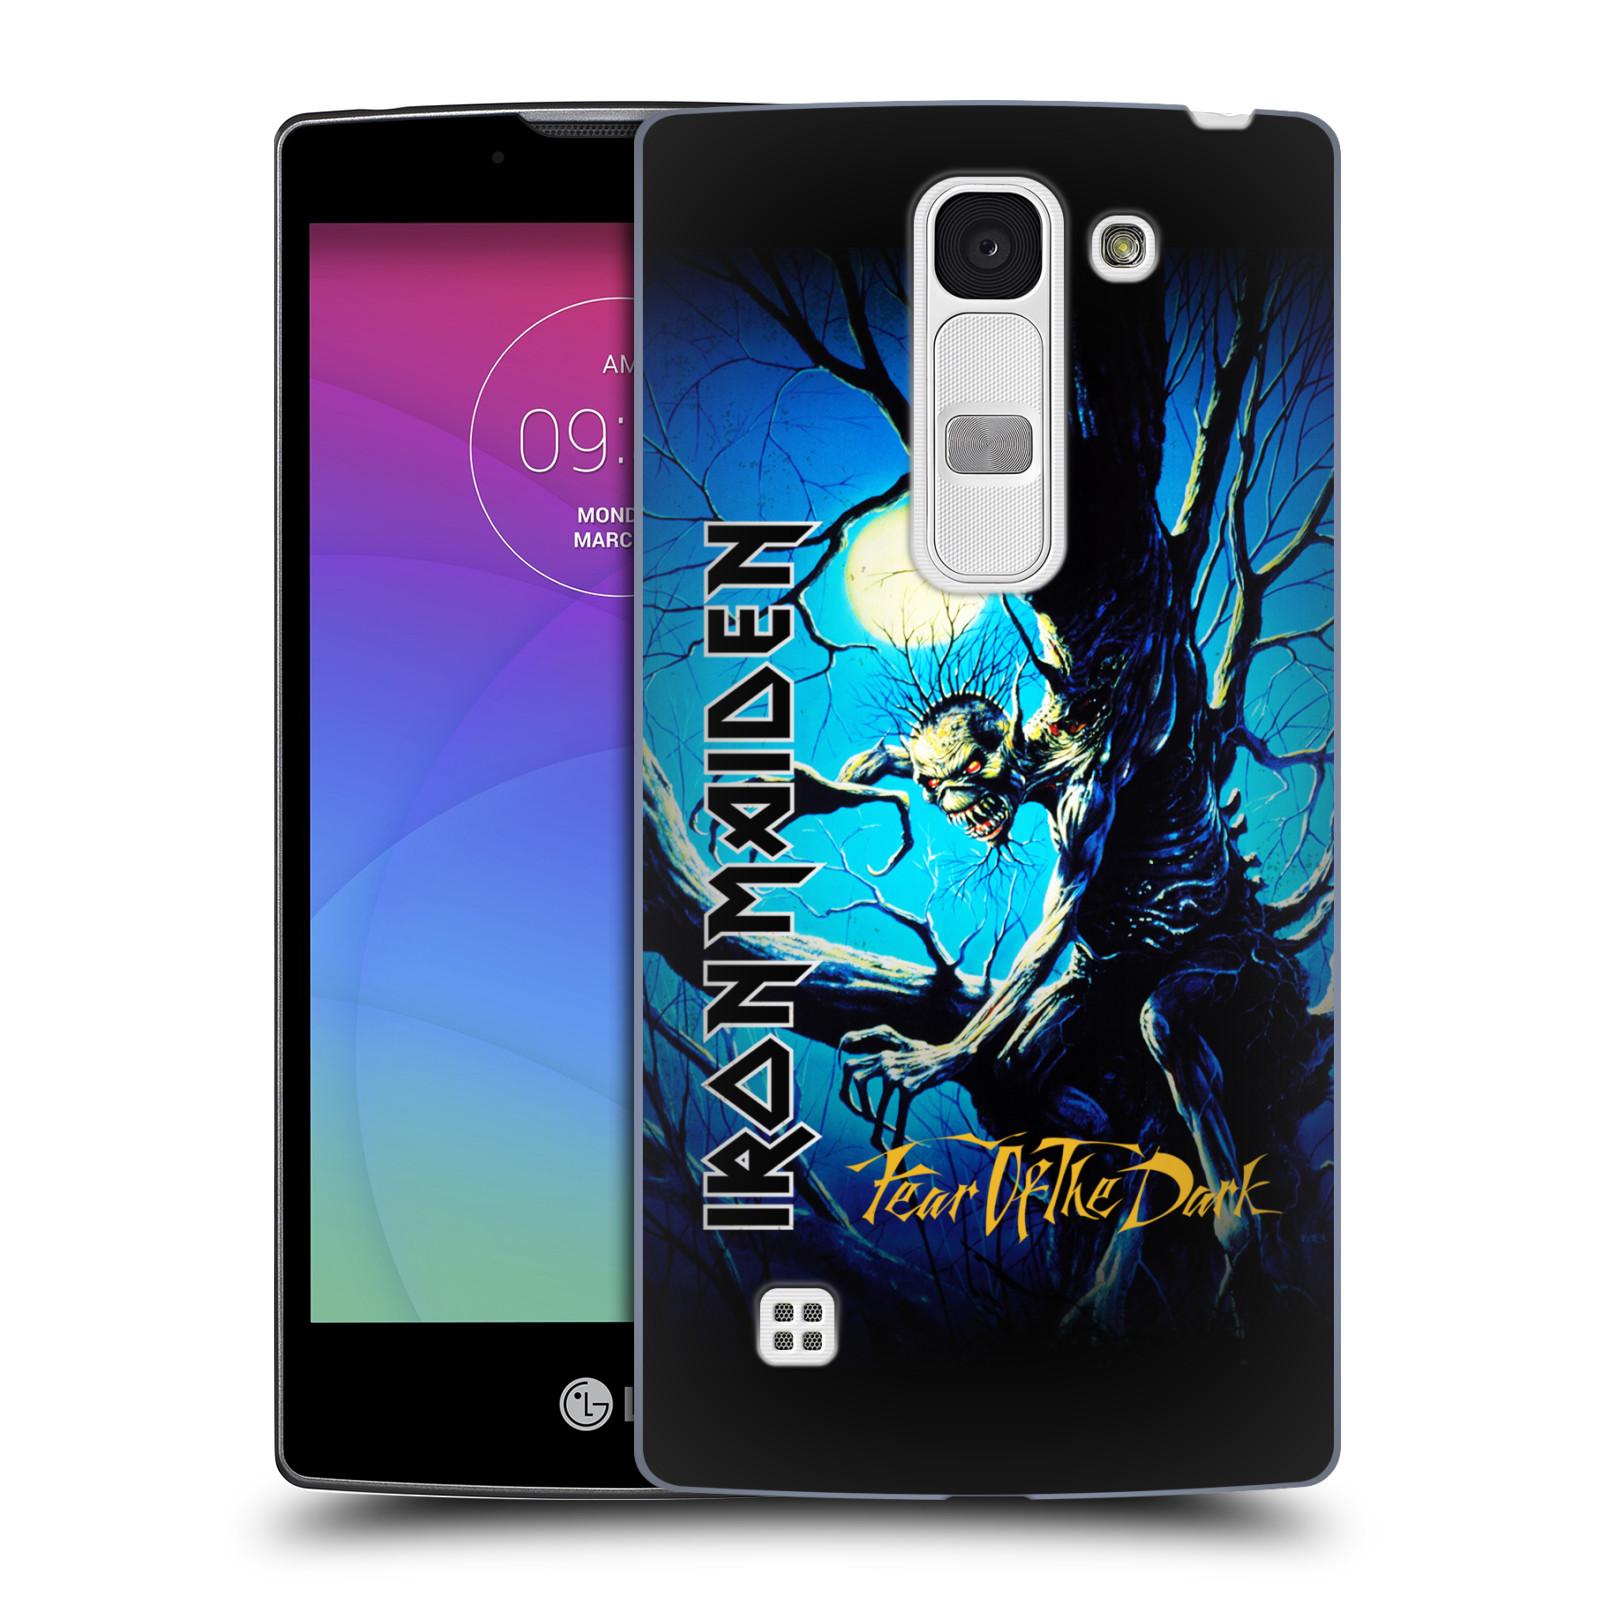 Plastové pouzdro na mobil LG Spirit LTE HEAD CASE - Iron Maiden - Fear Of The Dark (Plastový kryt či obal na mobilní telefon s licencovaným motivem Iron Maiden LG Spirit H420 a LG Spirit LTE H440N)